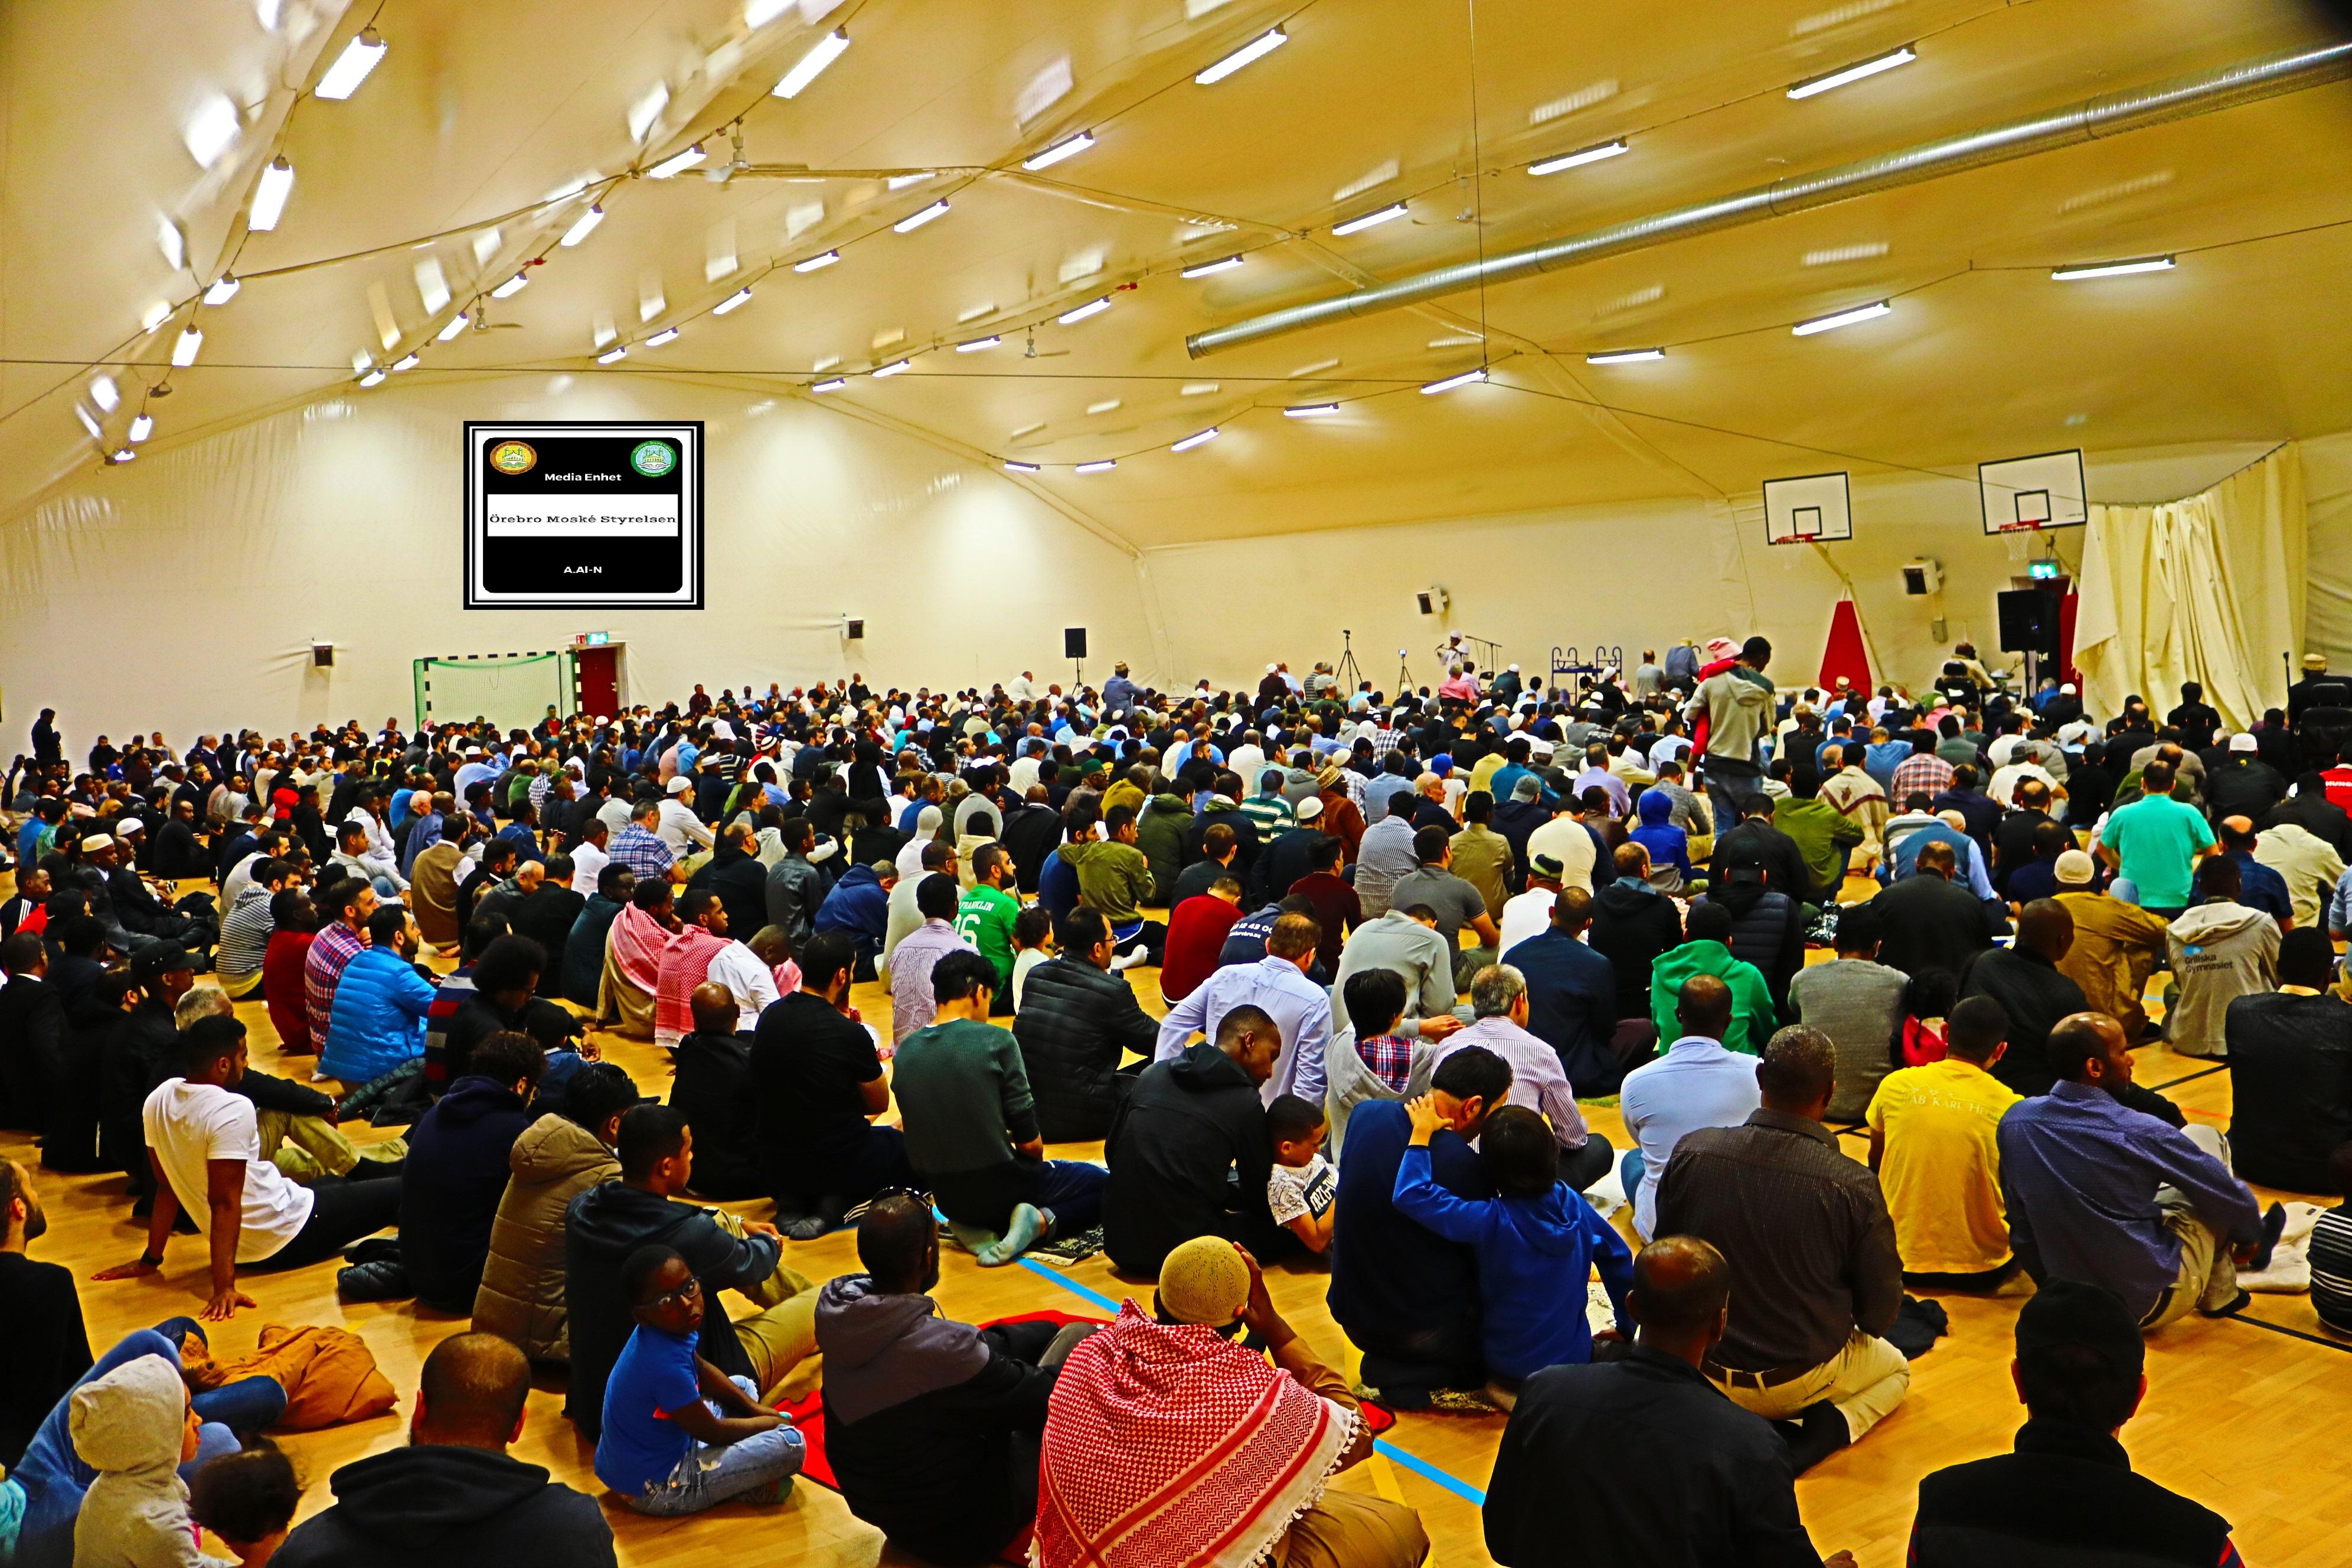 ما بعد رمضان Shekh, Dr. Mohammed Salih 22/06/2018 *************************** Friday Bön - Friday Prayers صلاة الجمعة *************************** Ballonghallen i Örebro